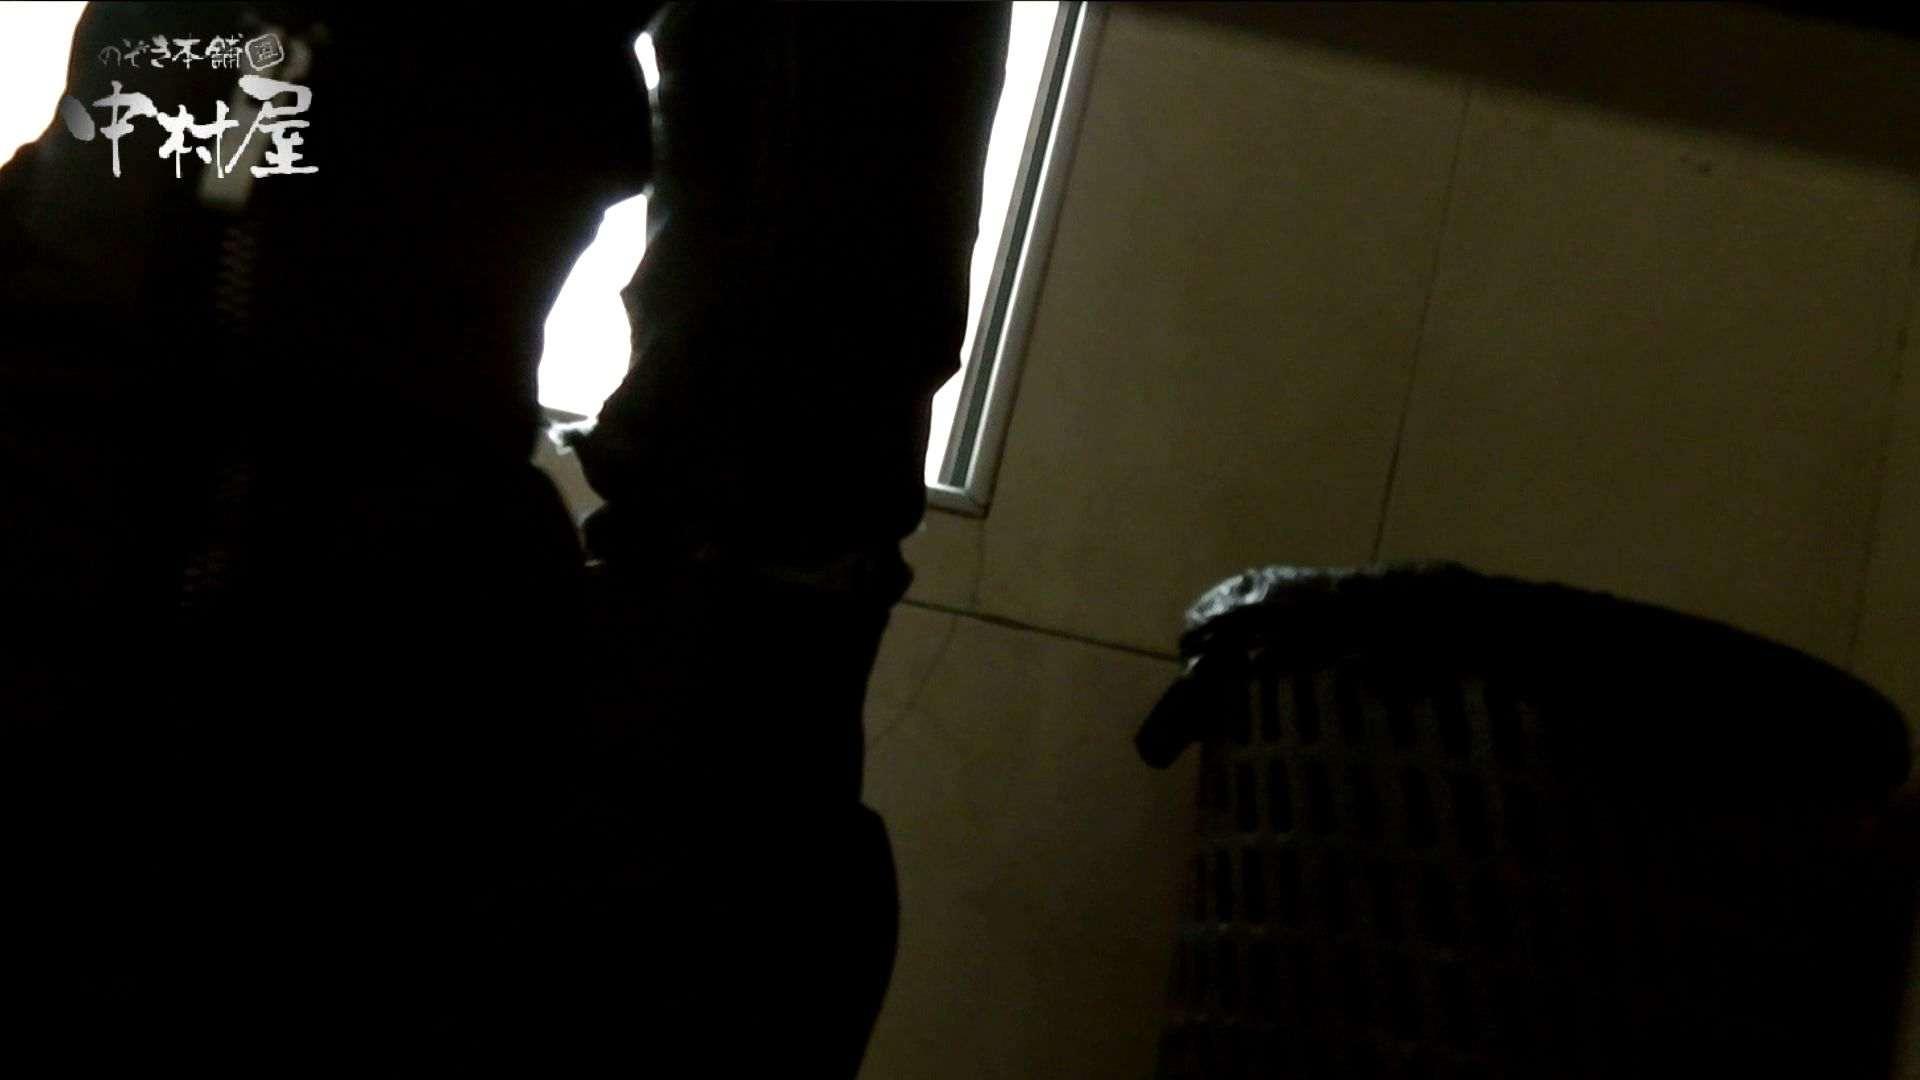 【世界の射窓から】世界の射窓から vol.12 OLエロ画像  83PICs 42